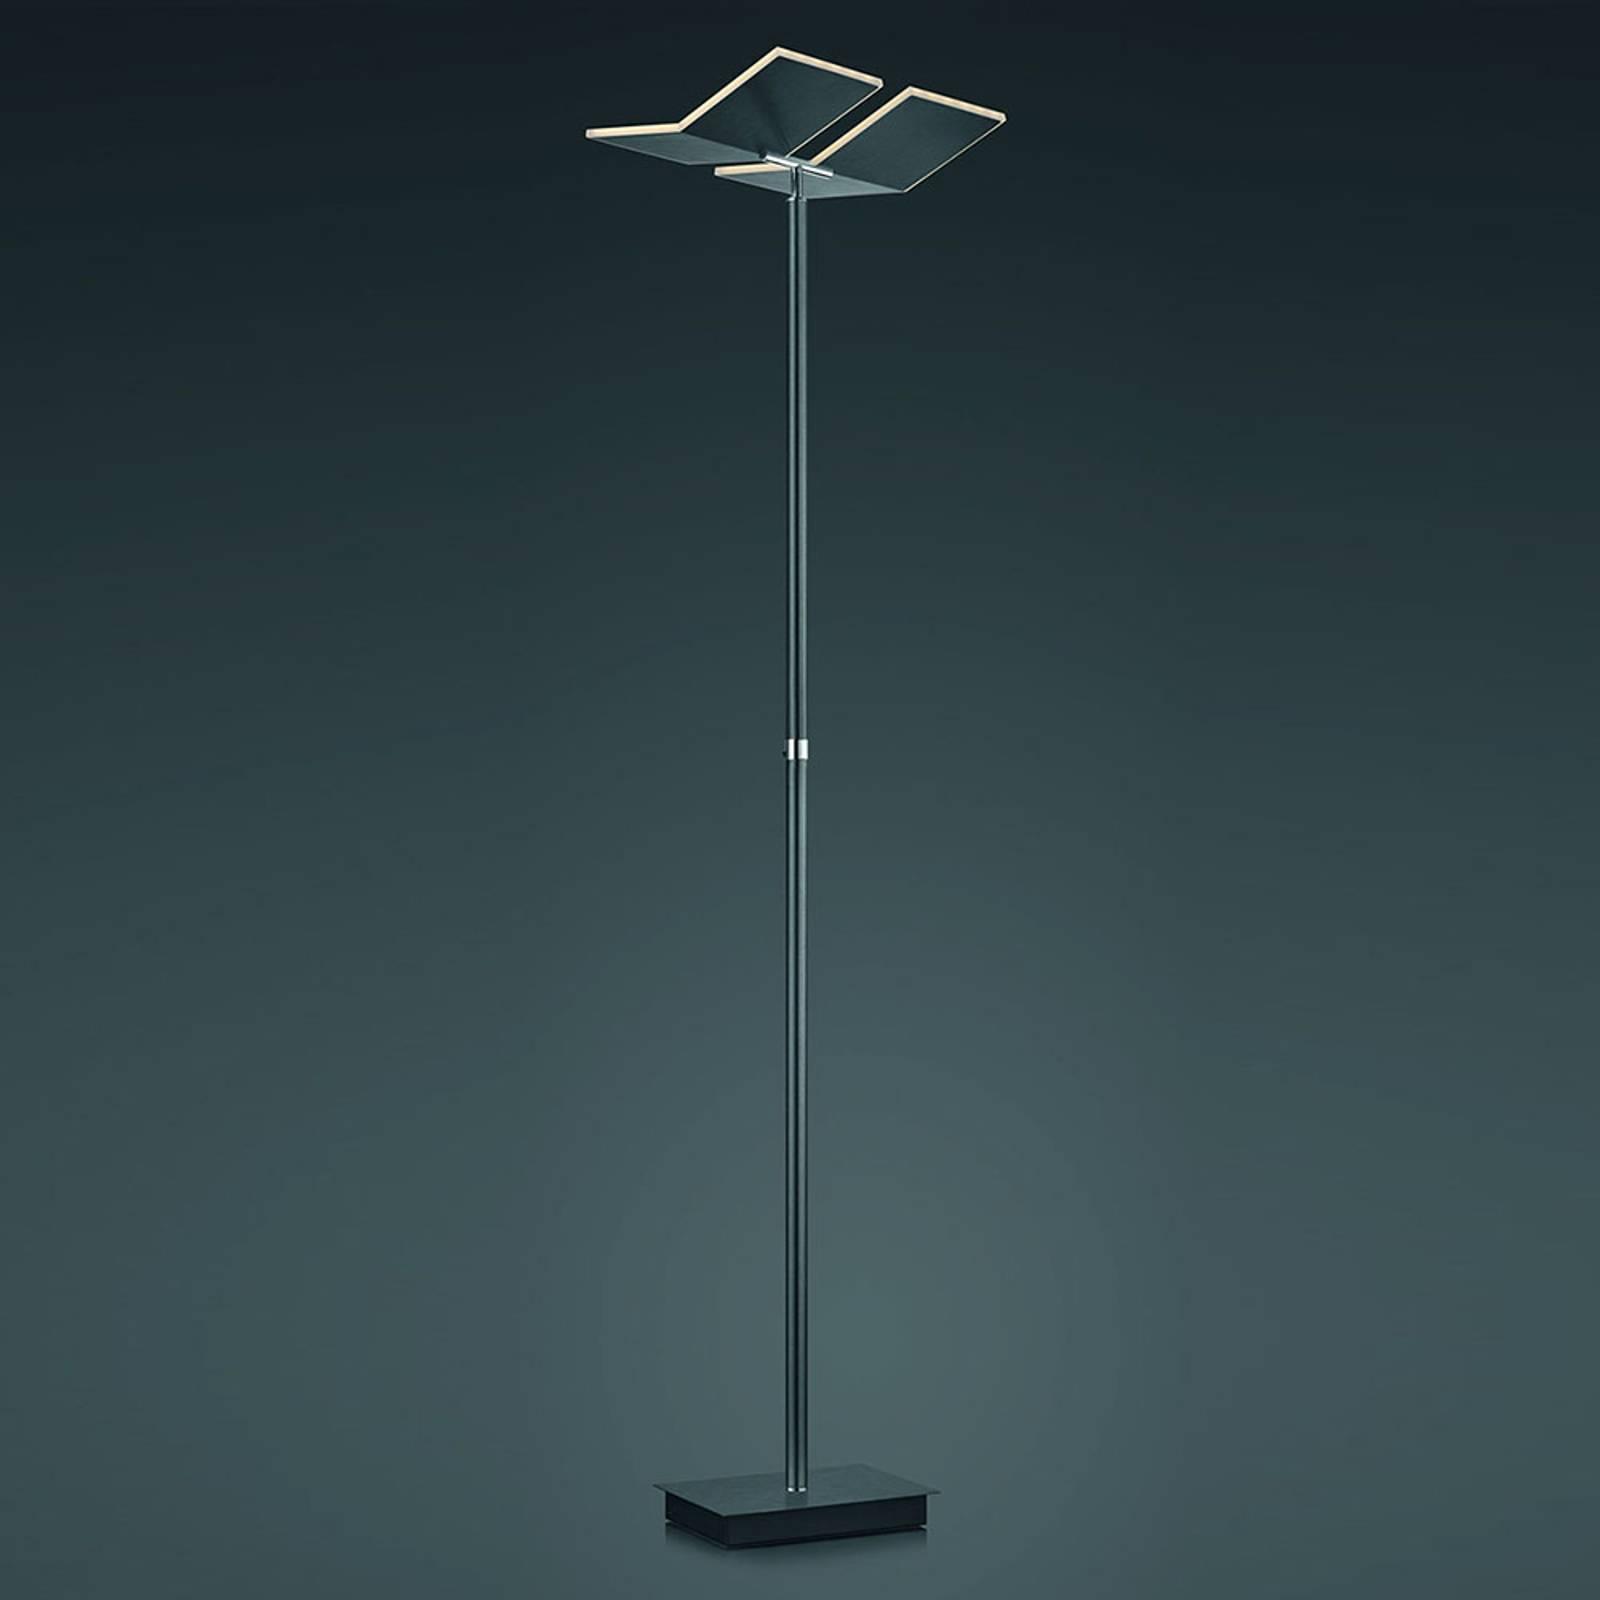 B-Leuchten Domi LED vloerlamp, antraciet